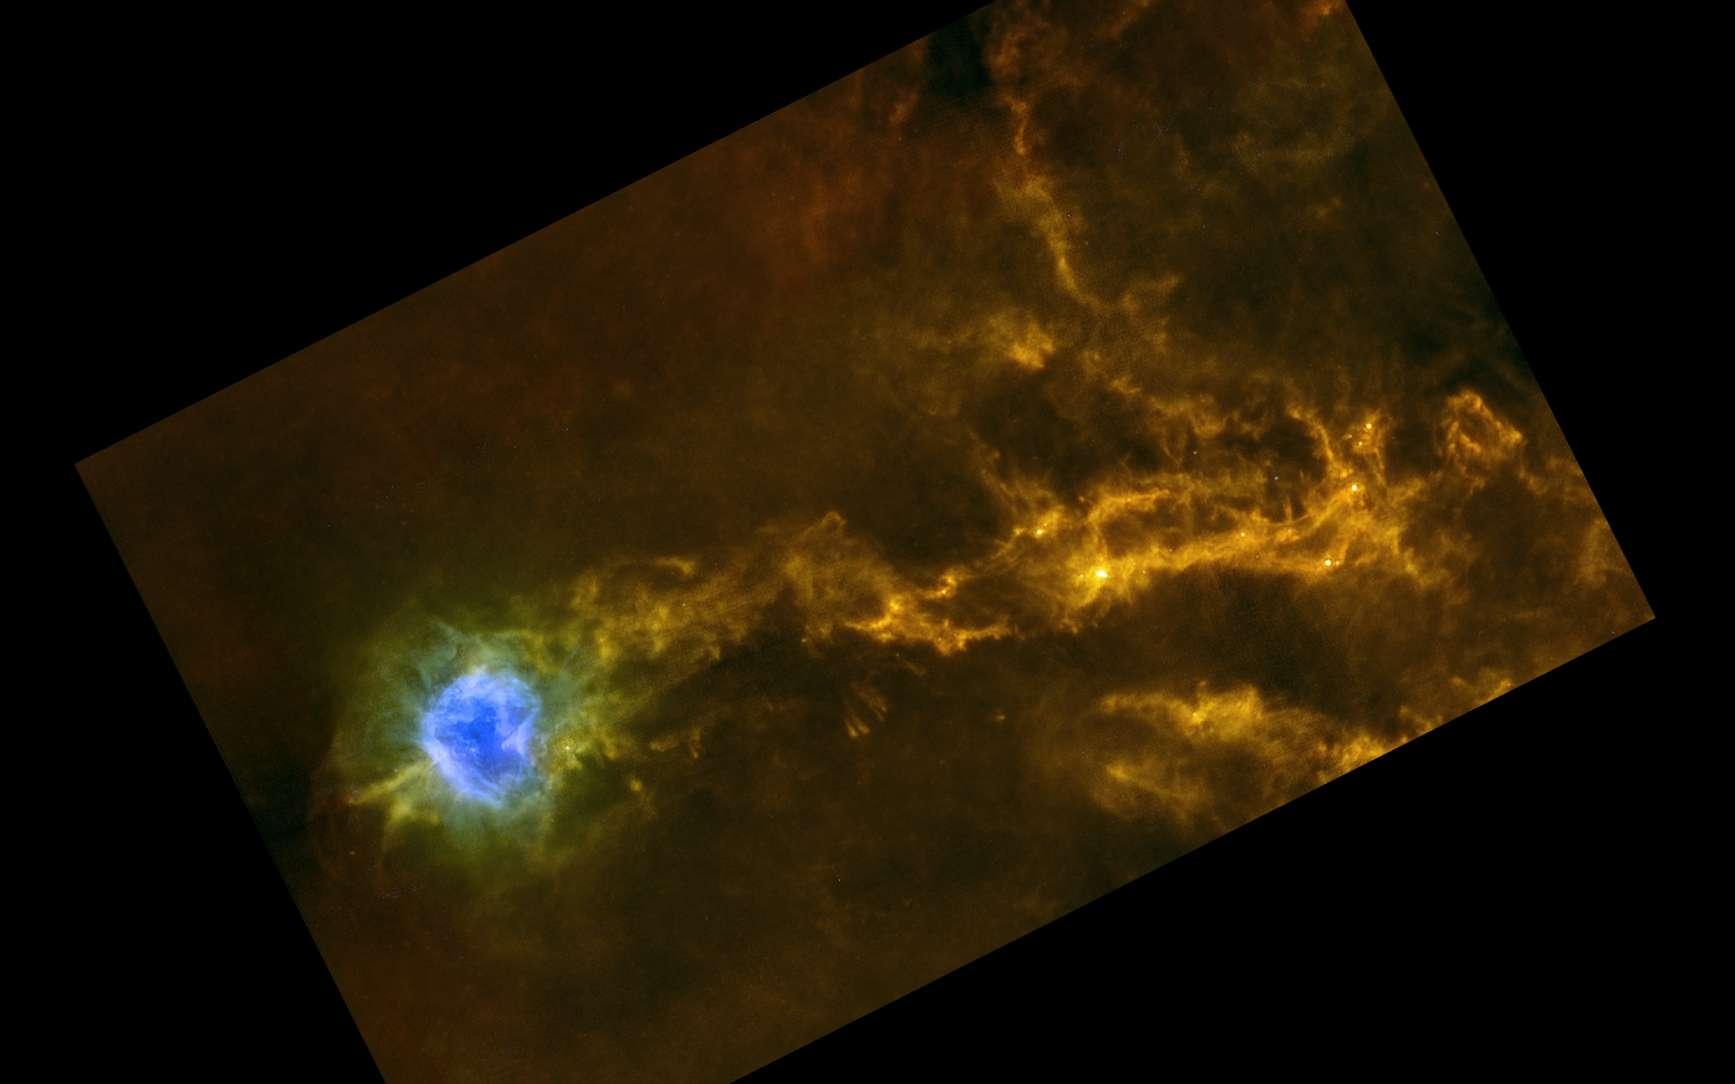 Filaments denses de gaz dans le nuage interstellaire IC5146. Ce nuage est plus connu sous le nom de la nébuleuse du Cocon. Cette nébuleuse mesure près de 15 années-lumière de diamètre et se trouve à quelque 4.000 années-lumière de nous dans la constellation boréale du Cygne. Cette image a été prise par l'observatoire spatial Herschel de l'Esa dans l'infrarouge. Les fausses couleurs correspondent aux différentes longueurs d'onde observées par le télescope (rouge = 350-500 µm, vert = 160-250 µm et bleu = 70 µm). La zone bleue est une nébuleuse éclairée par une étoile massive, plus chaude que le reste. © Esa/Herschel/SPIRE/PACS/D. Arzoumanian (CEA Saclay)